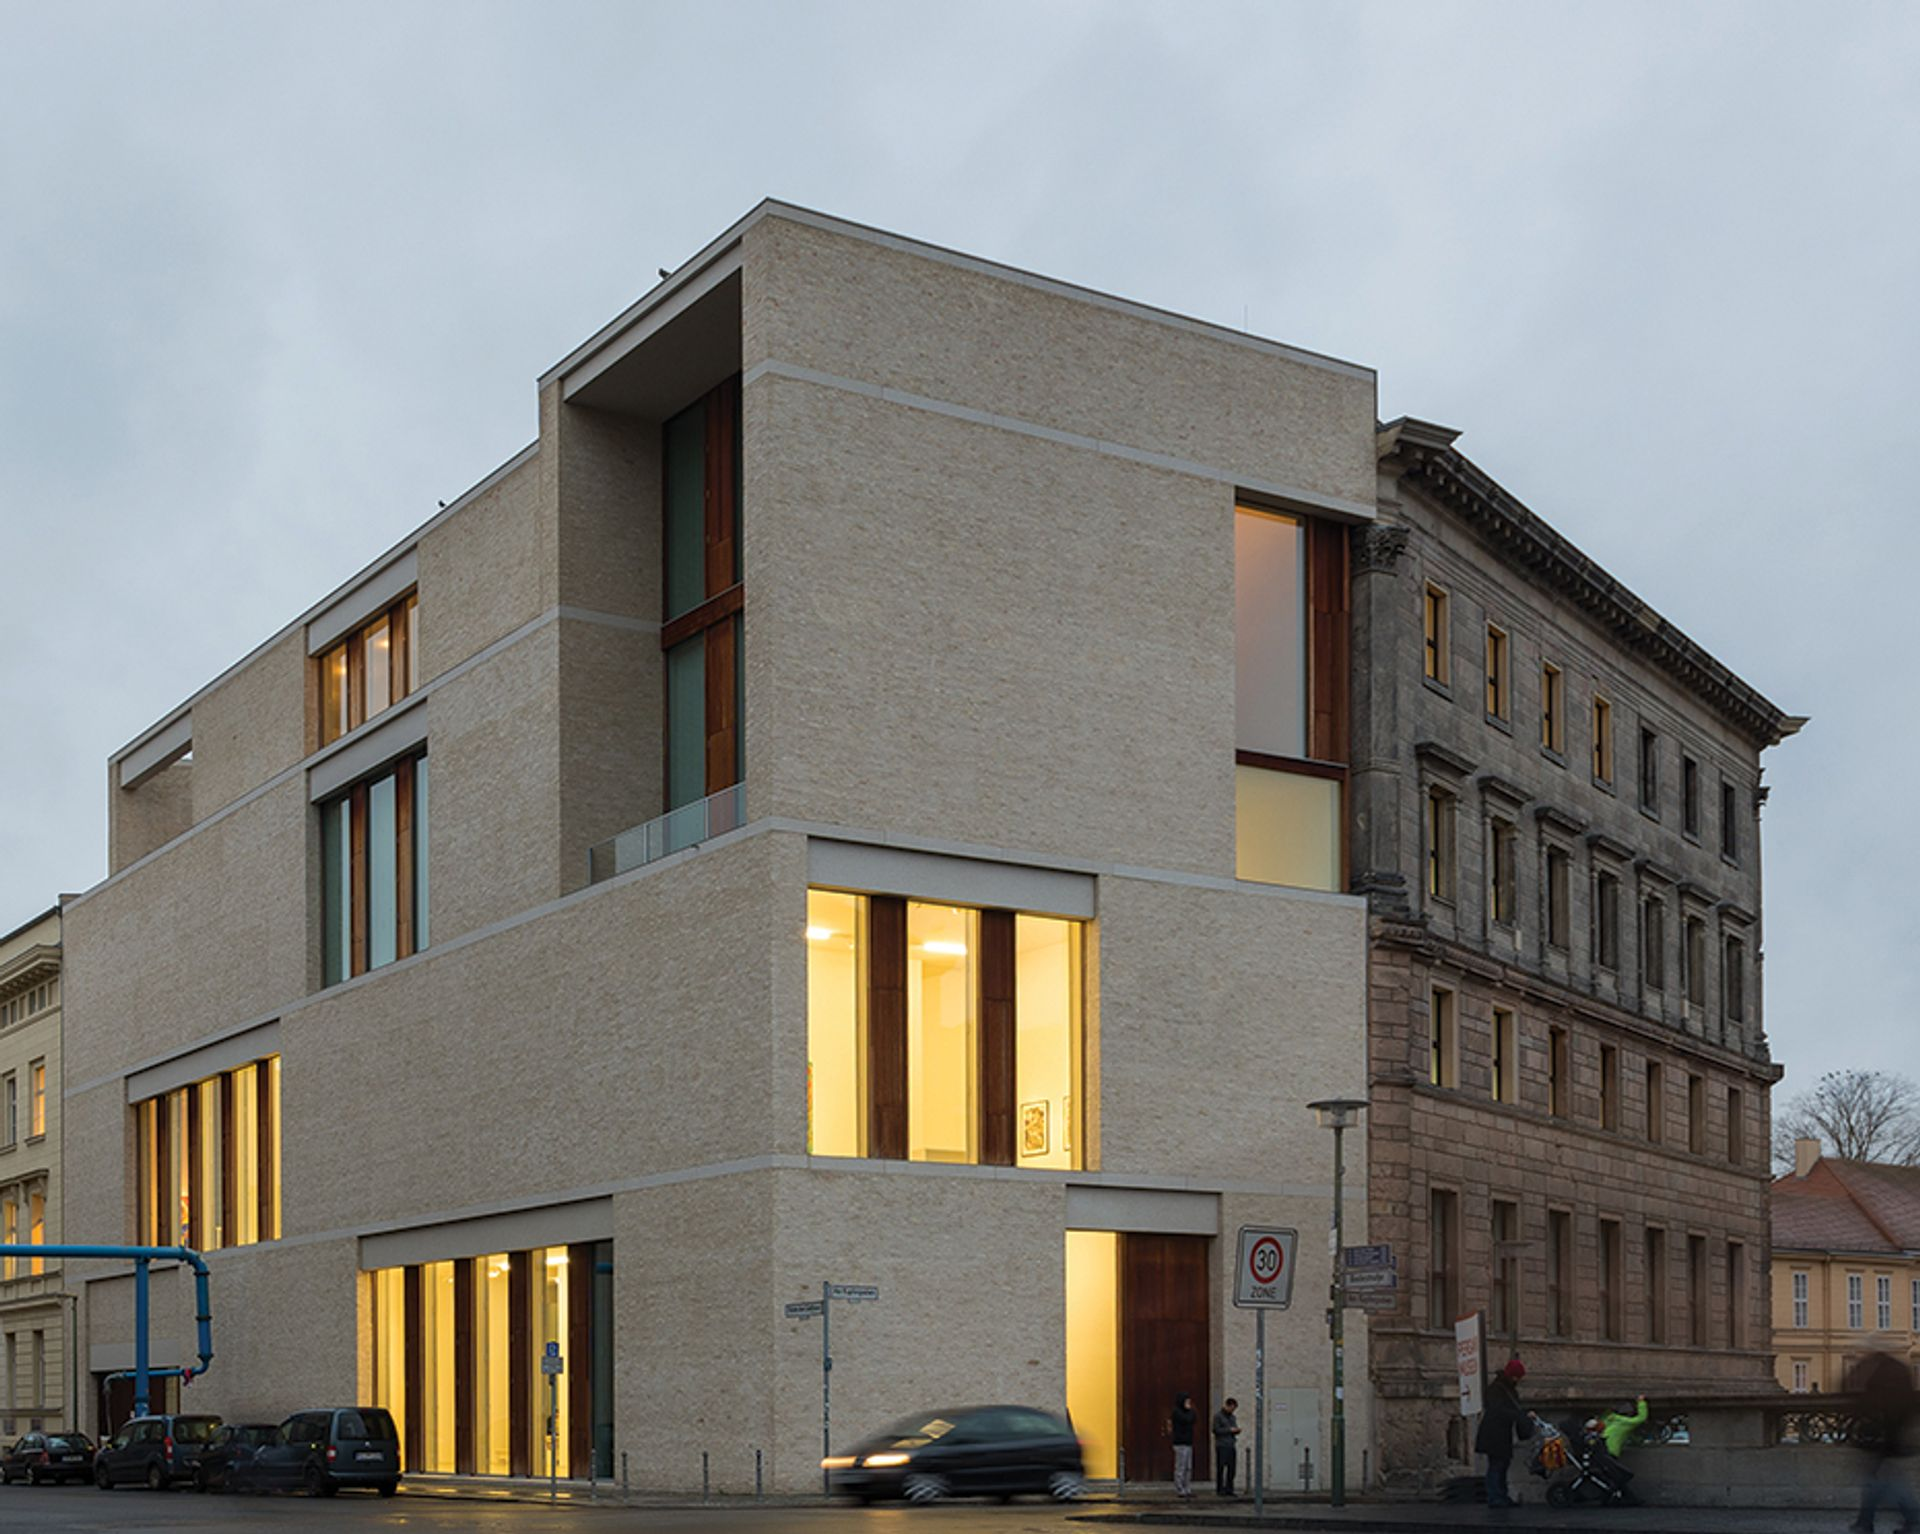 Galerie Bastian's former space in Berlin © Arild Vågen/Wikimedia